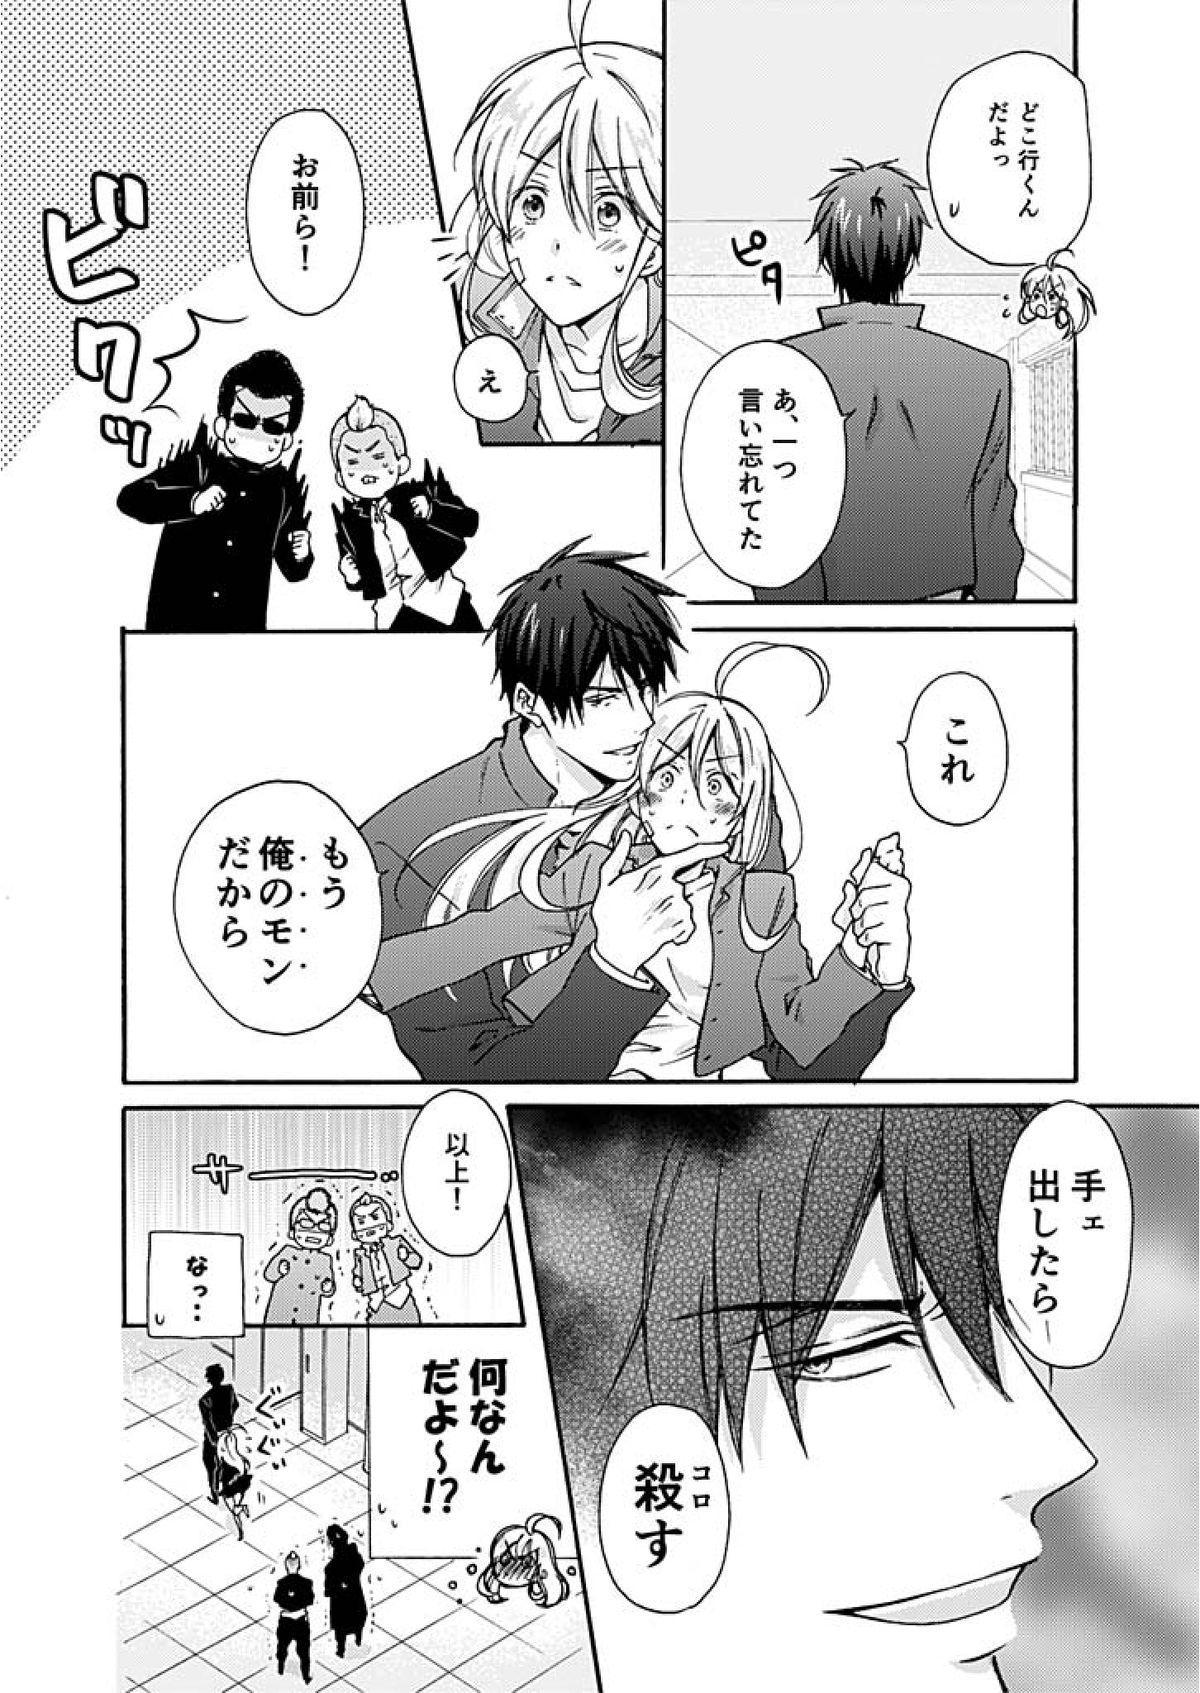 Nyotaika Yankee Gakuen ☆ Ore no Hajimete, Nerawaretemasu. 2 8